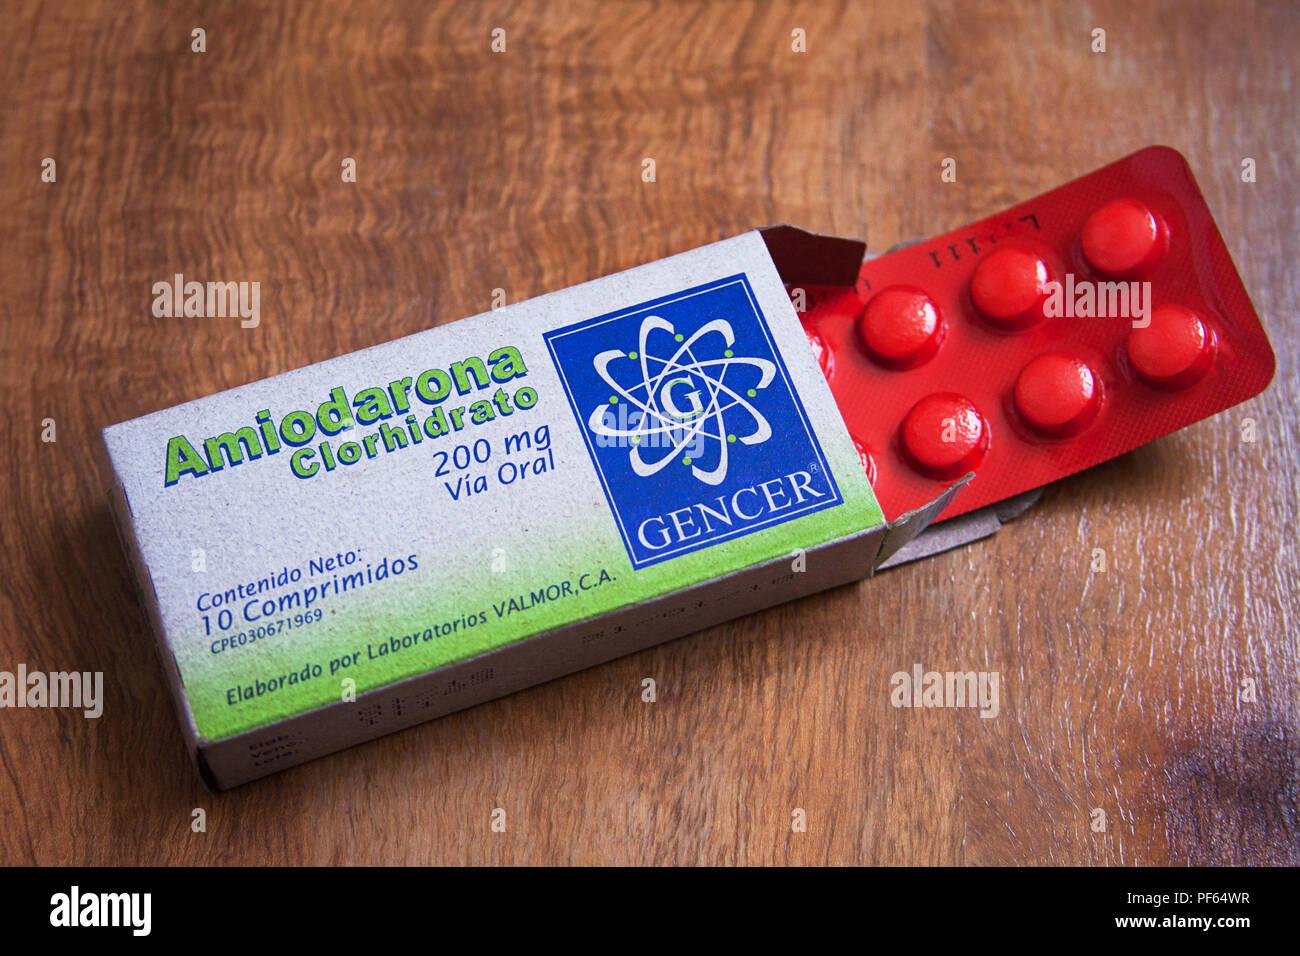 Amiodarone è un farmaco antiaritmico usato per trattare e prevenire un  certo numero di tipi di battiti cardiaci irregolari.[1] Questo include la  tachicardia ventricolare (VT), la fibrillazione ventricolare e la  TACHICARDIA A